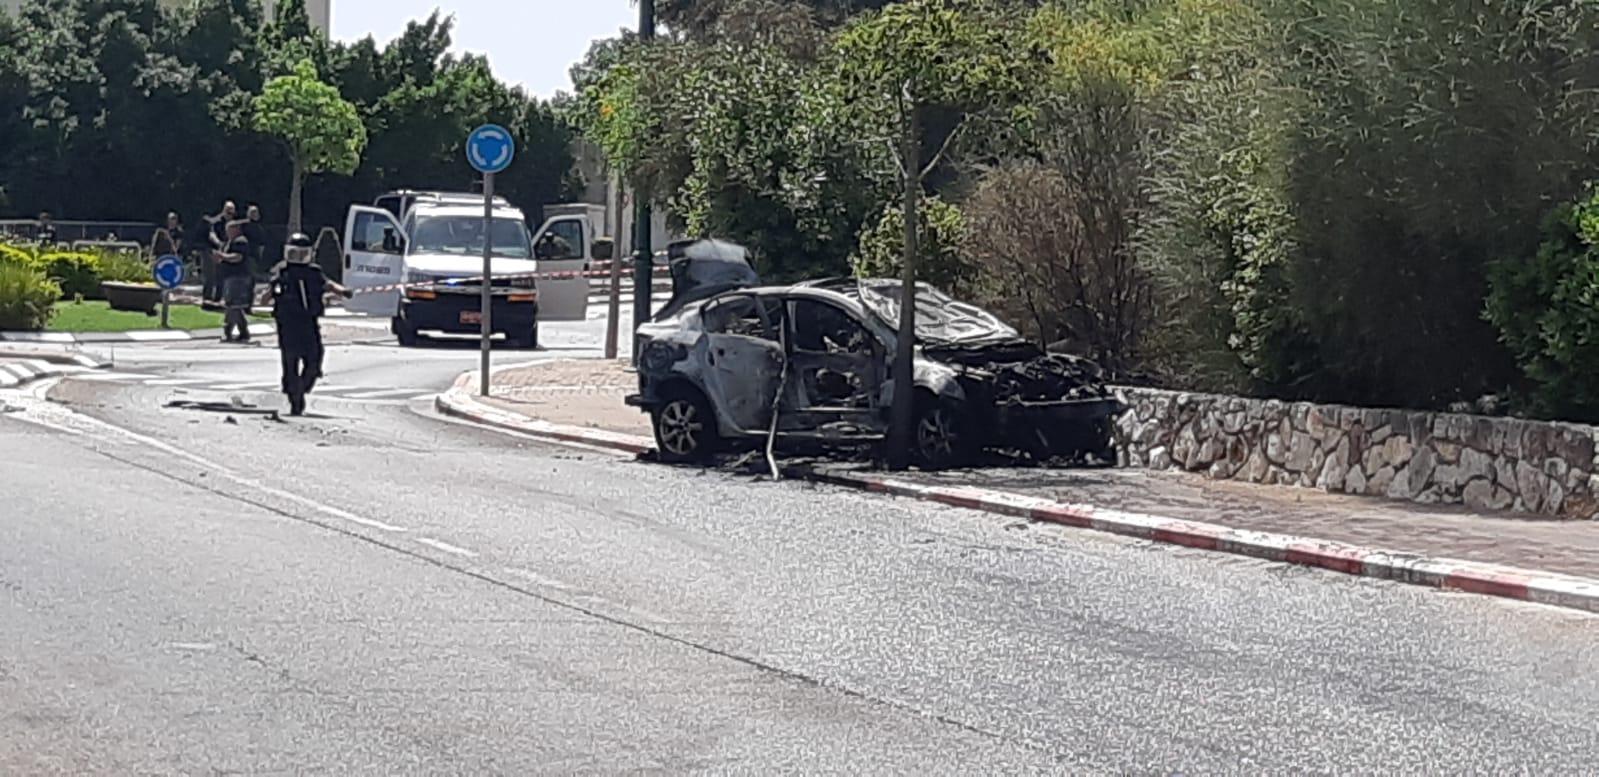 مقتل شخص بانفجار سيارة قرب حيفا